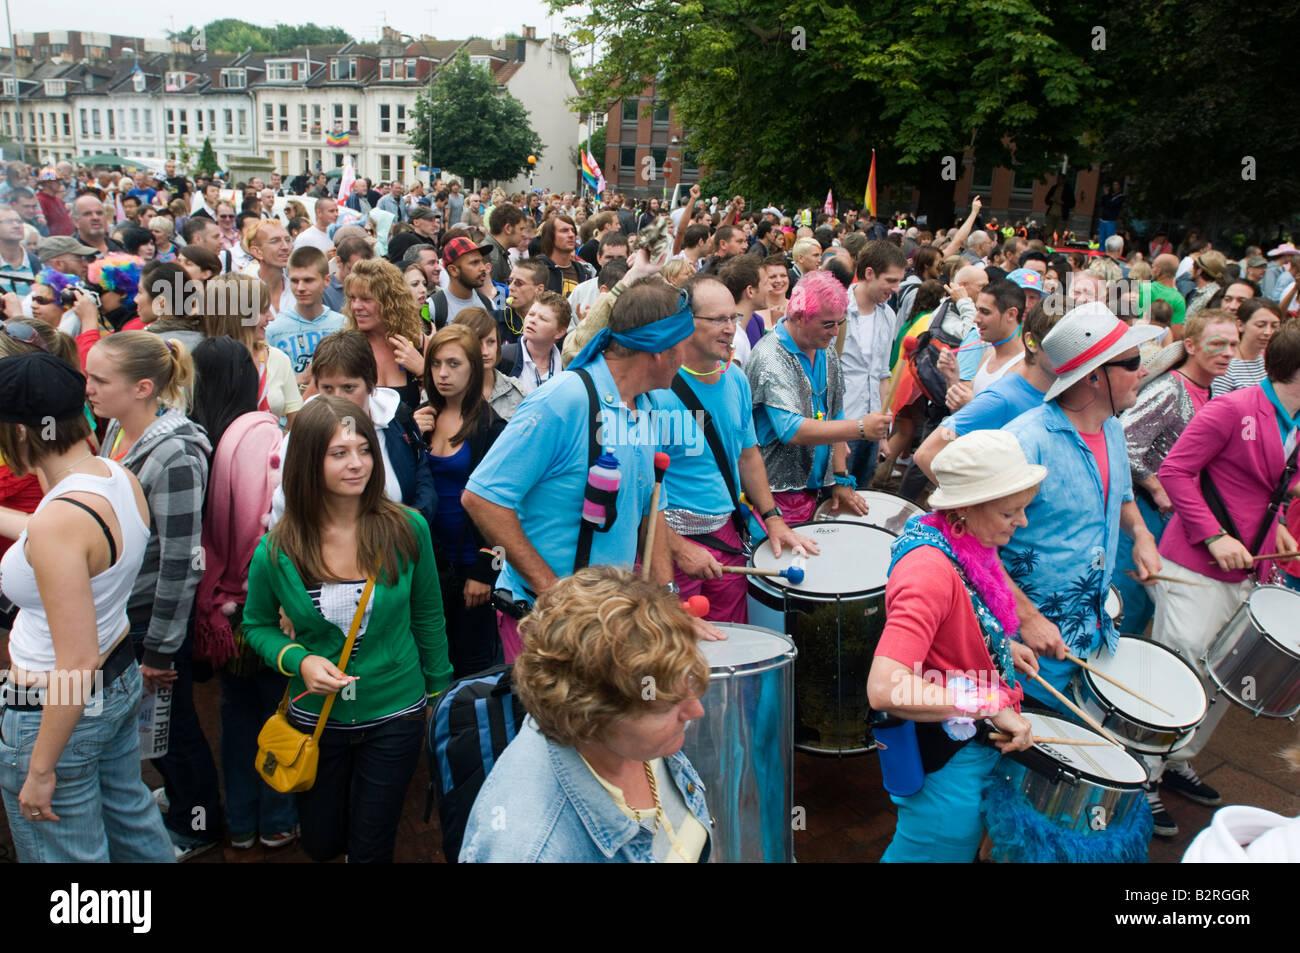 France 2 août 2008 foules arrivent à Preston Park pour la Gay Pride. Banque D'Images